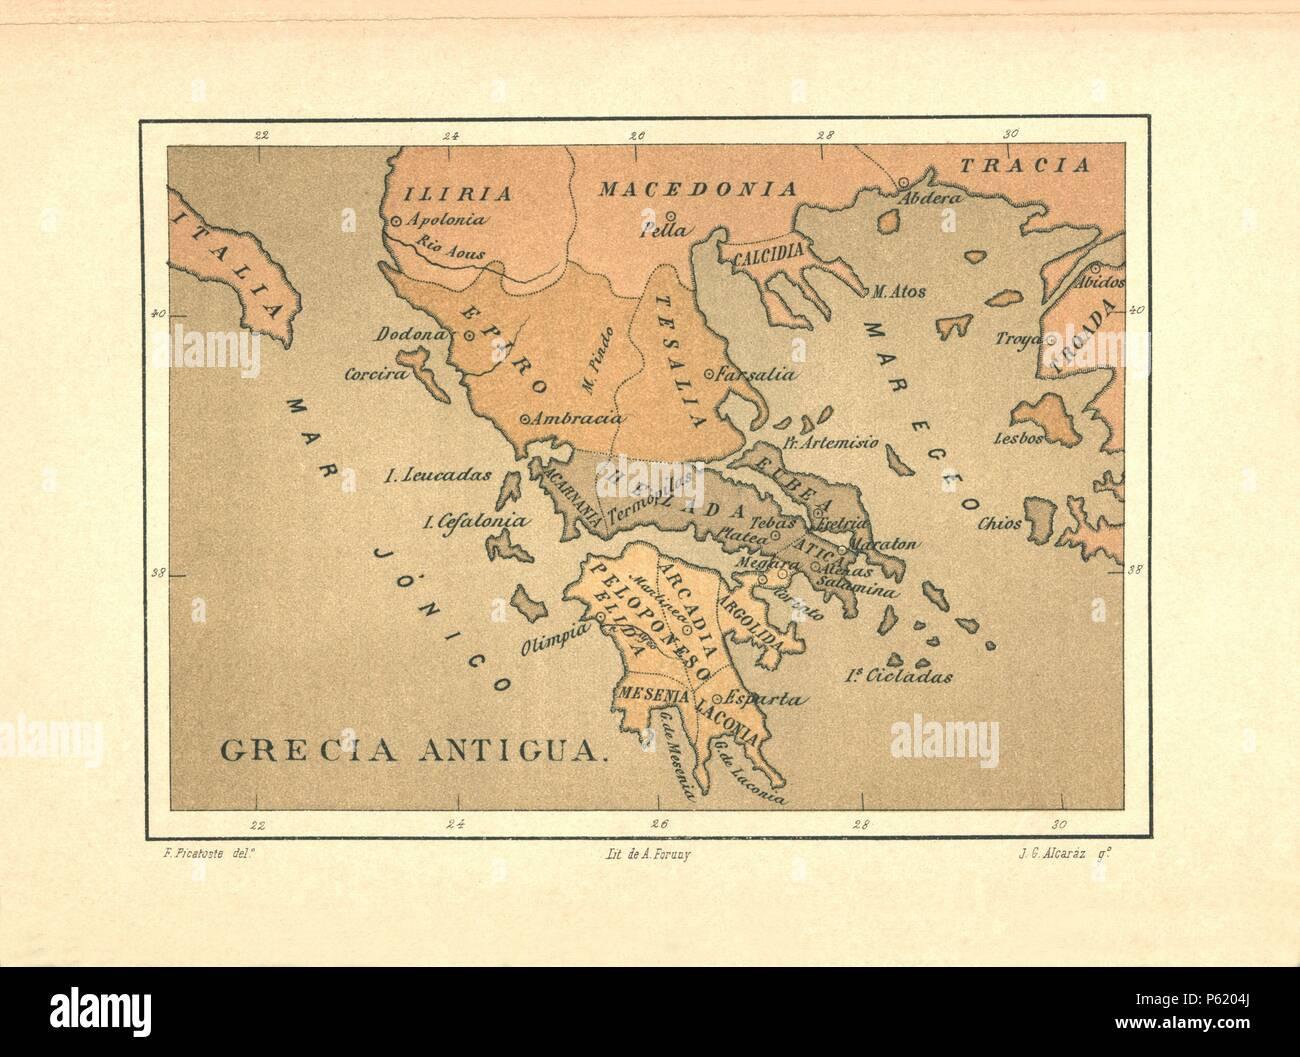 Mapa de Grecia Antigua publicado en el libro Historia Universal, de Felipe Picatoste. Madrid, 1890. - Stock Image